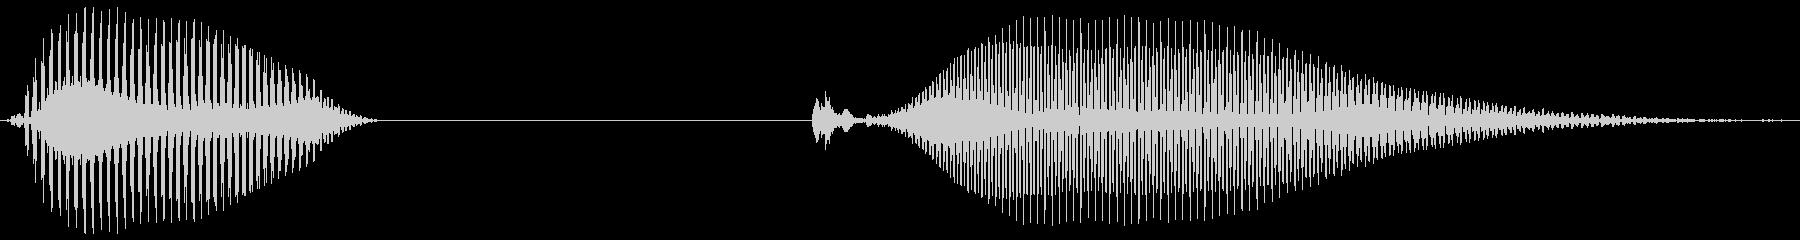 【子供の一人称】ボク……の未再生の波形